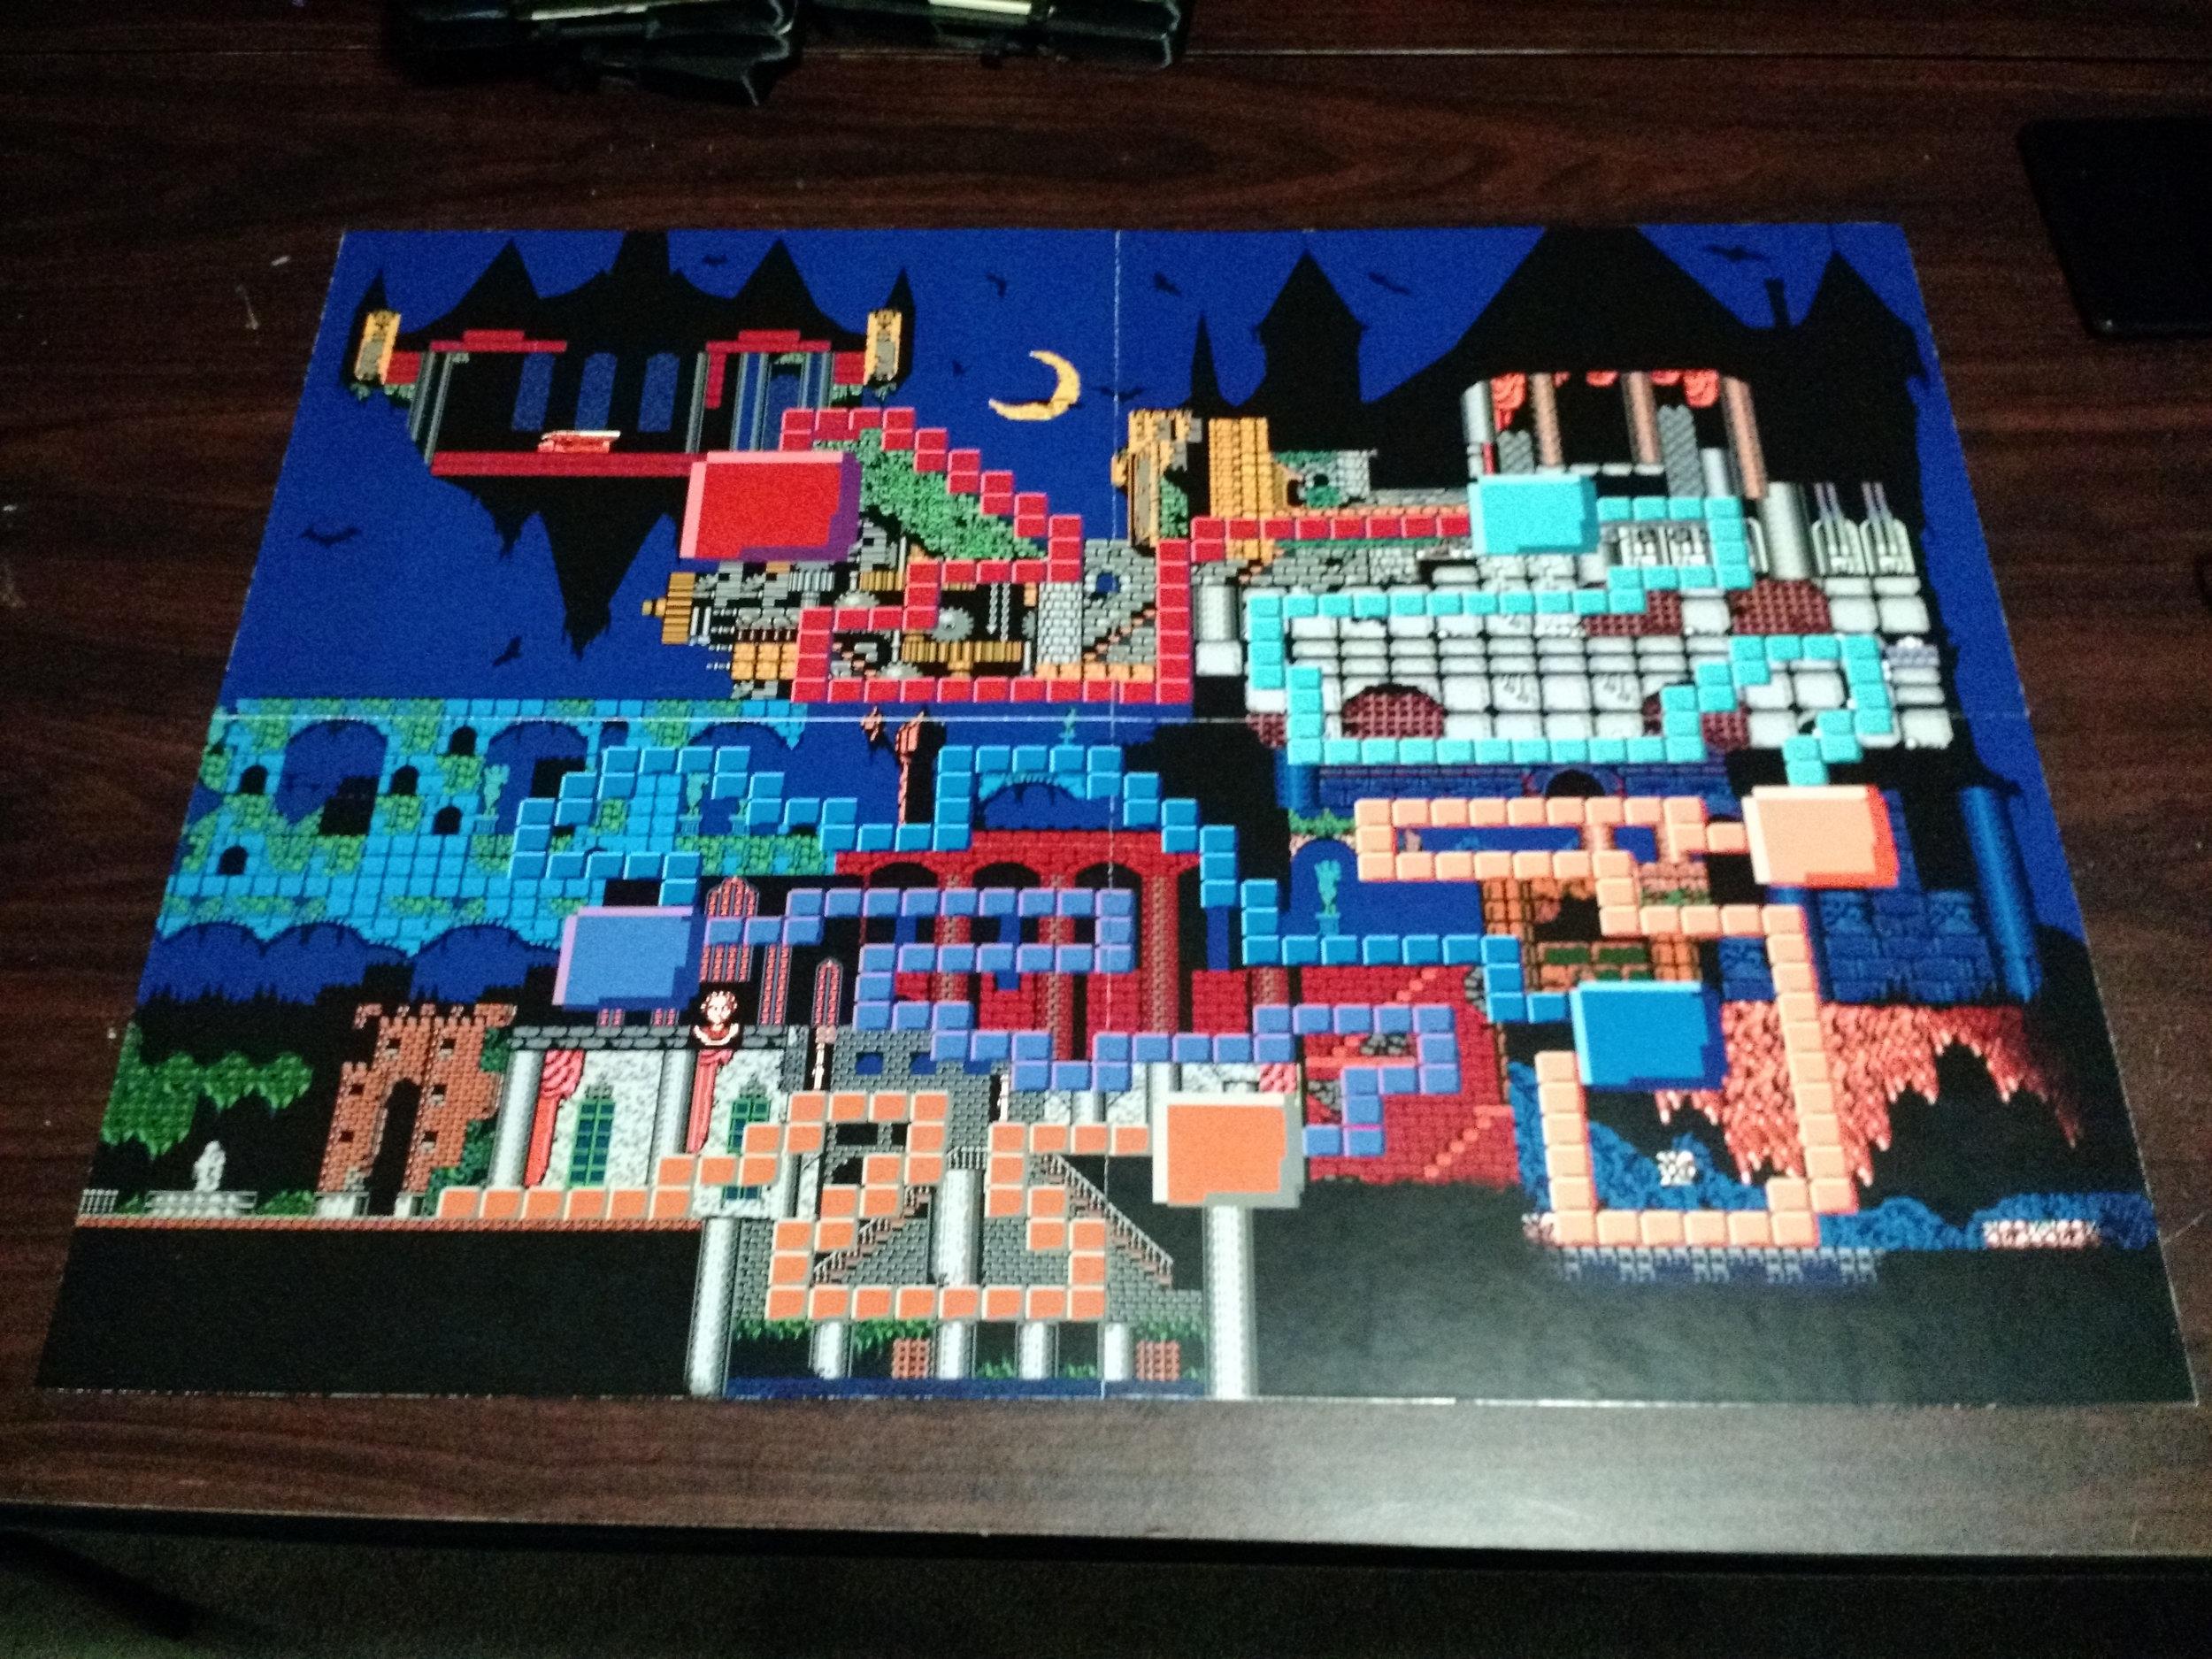 castlevania-board-game-2014-11-10-03.jpg